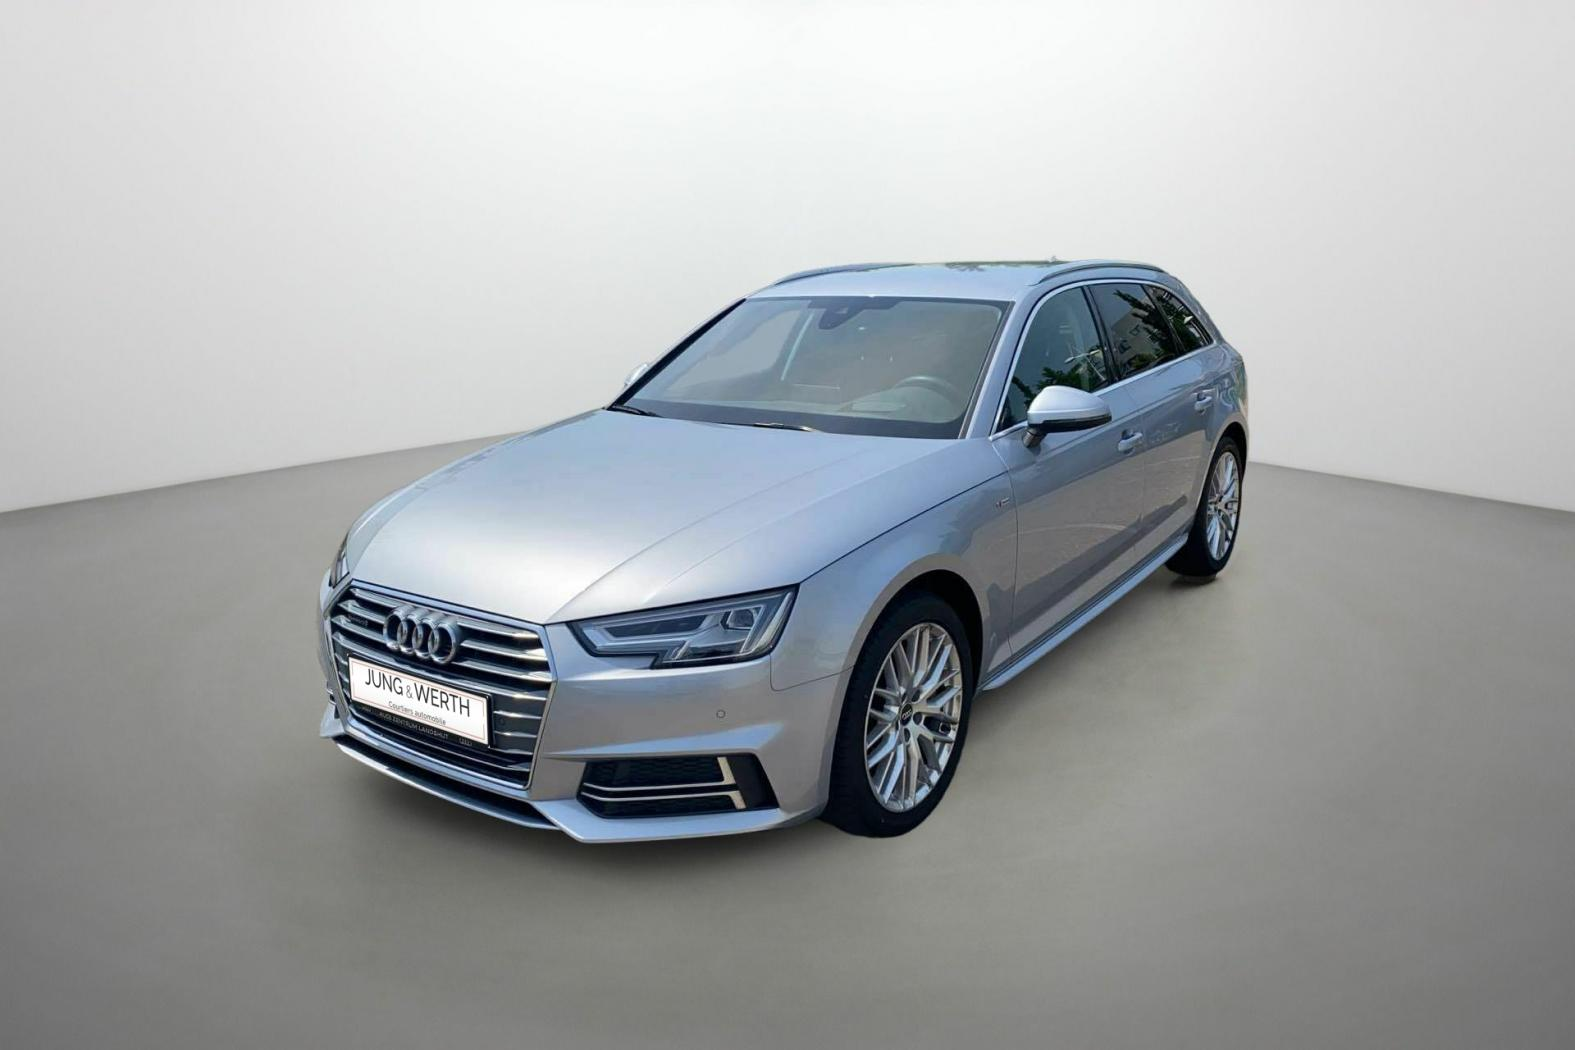 3-jung-et-werth-courtier-automobile-import-audi.jpeg